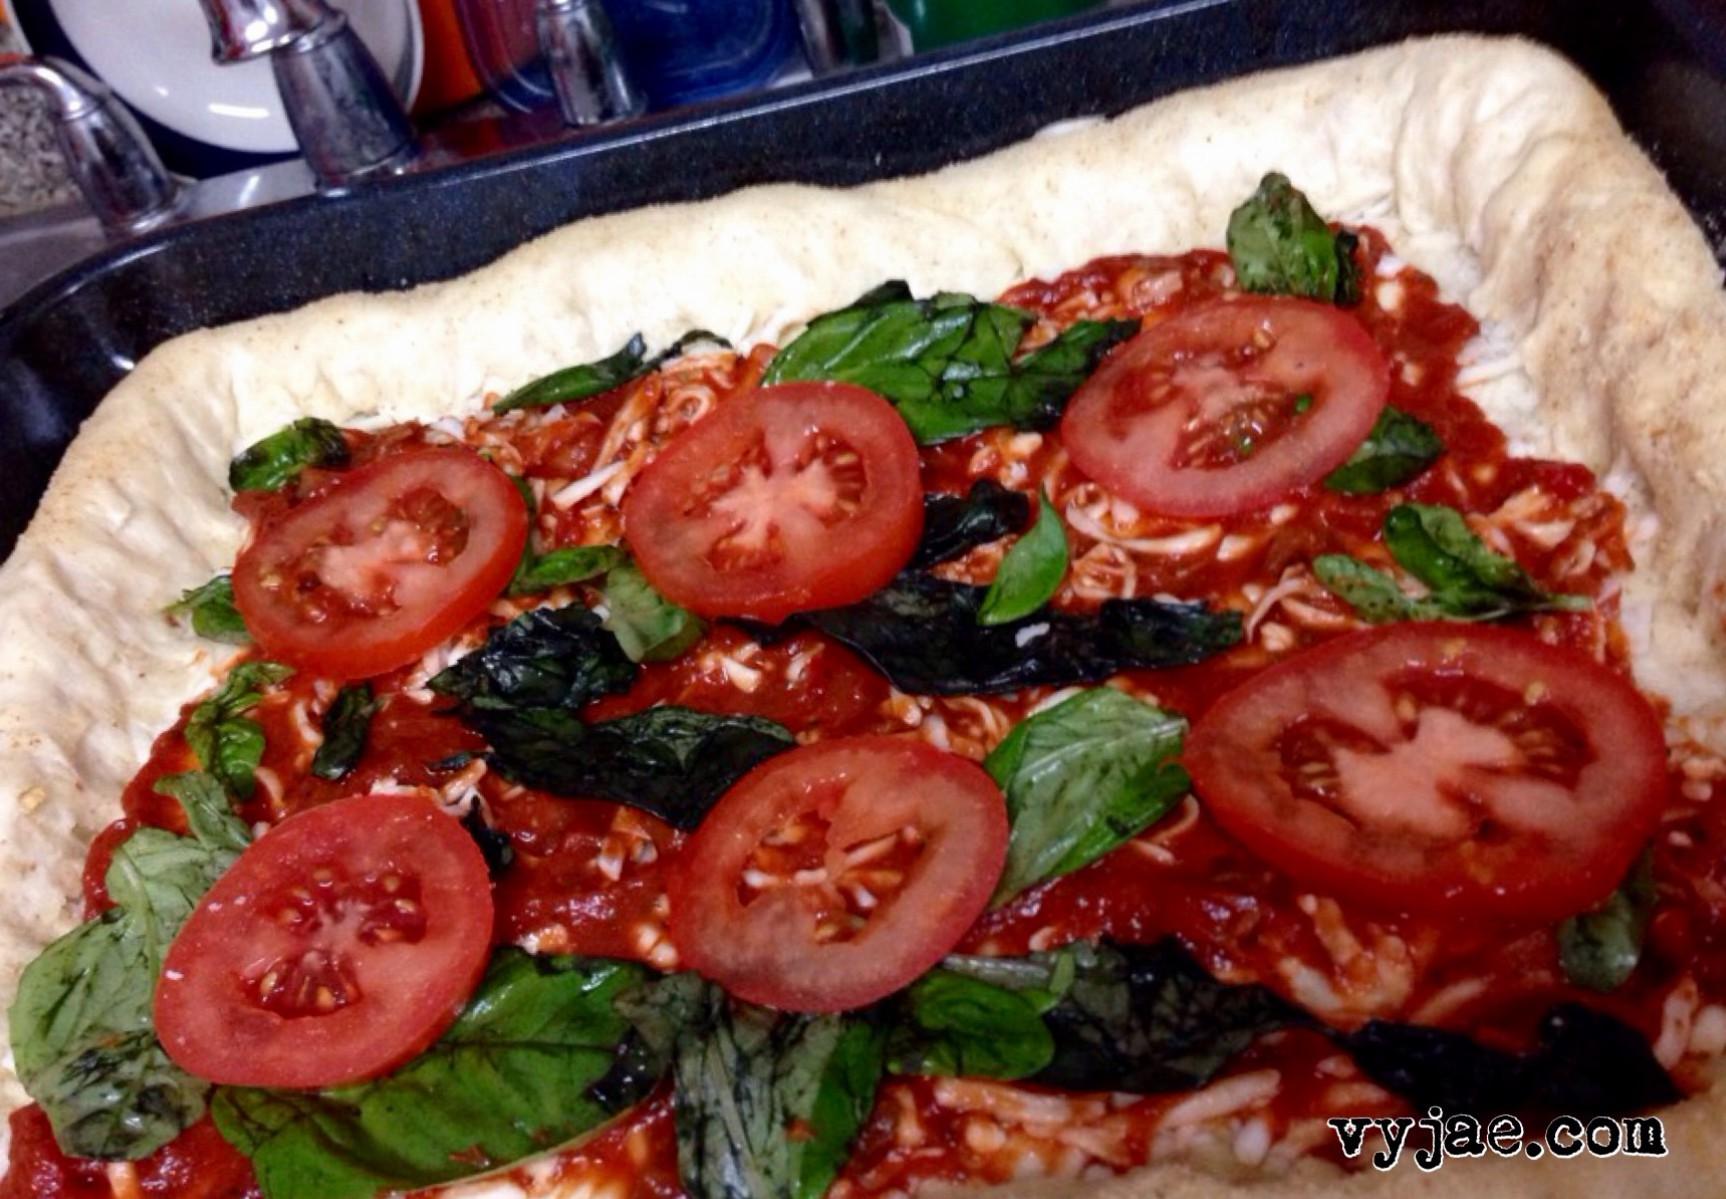 Add fresh tomatoes